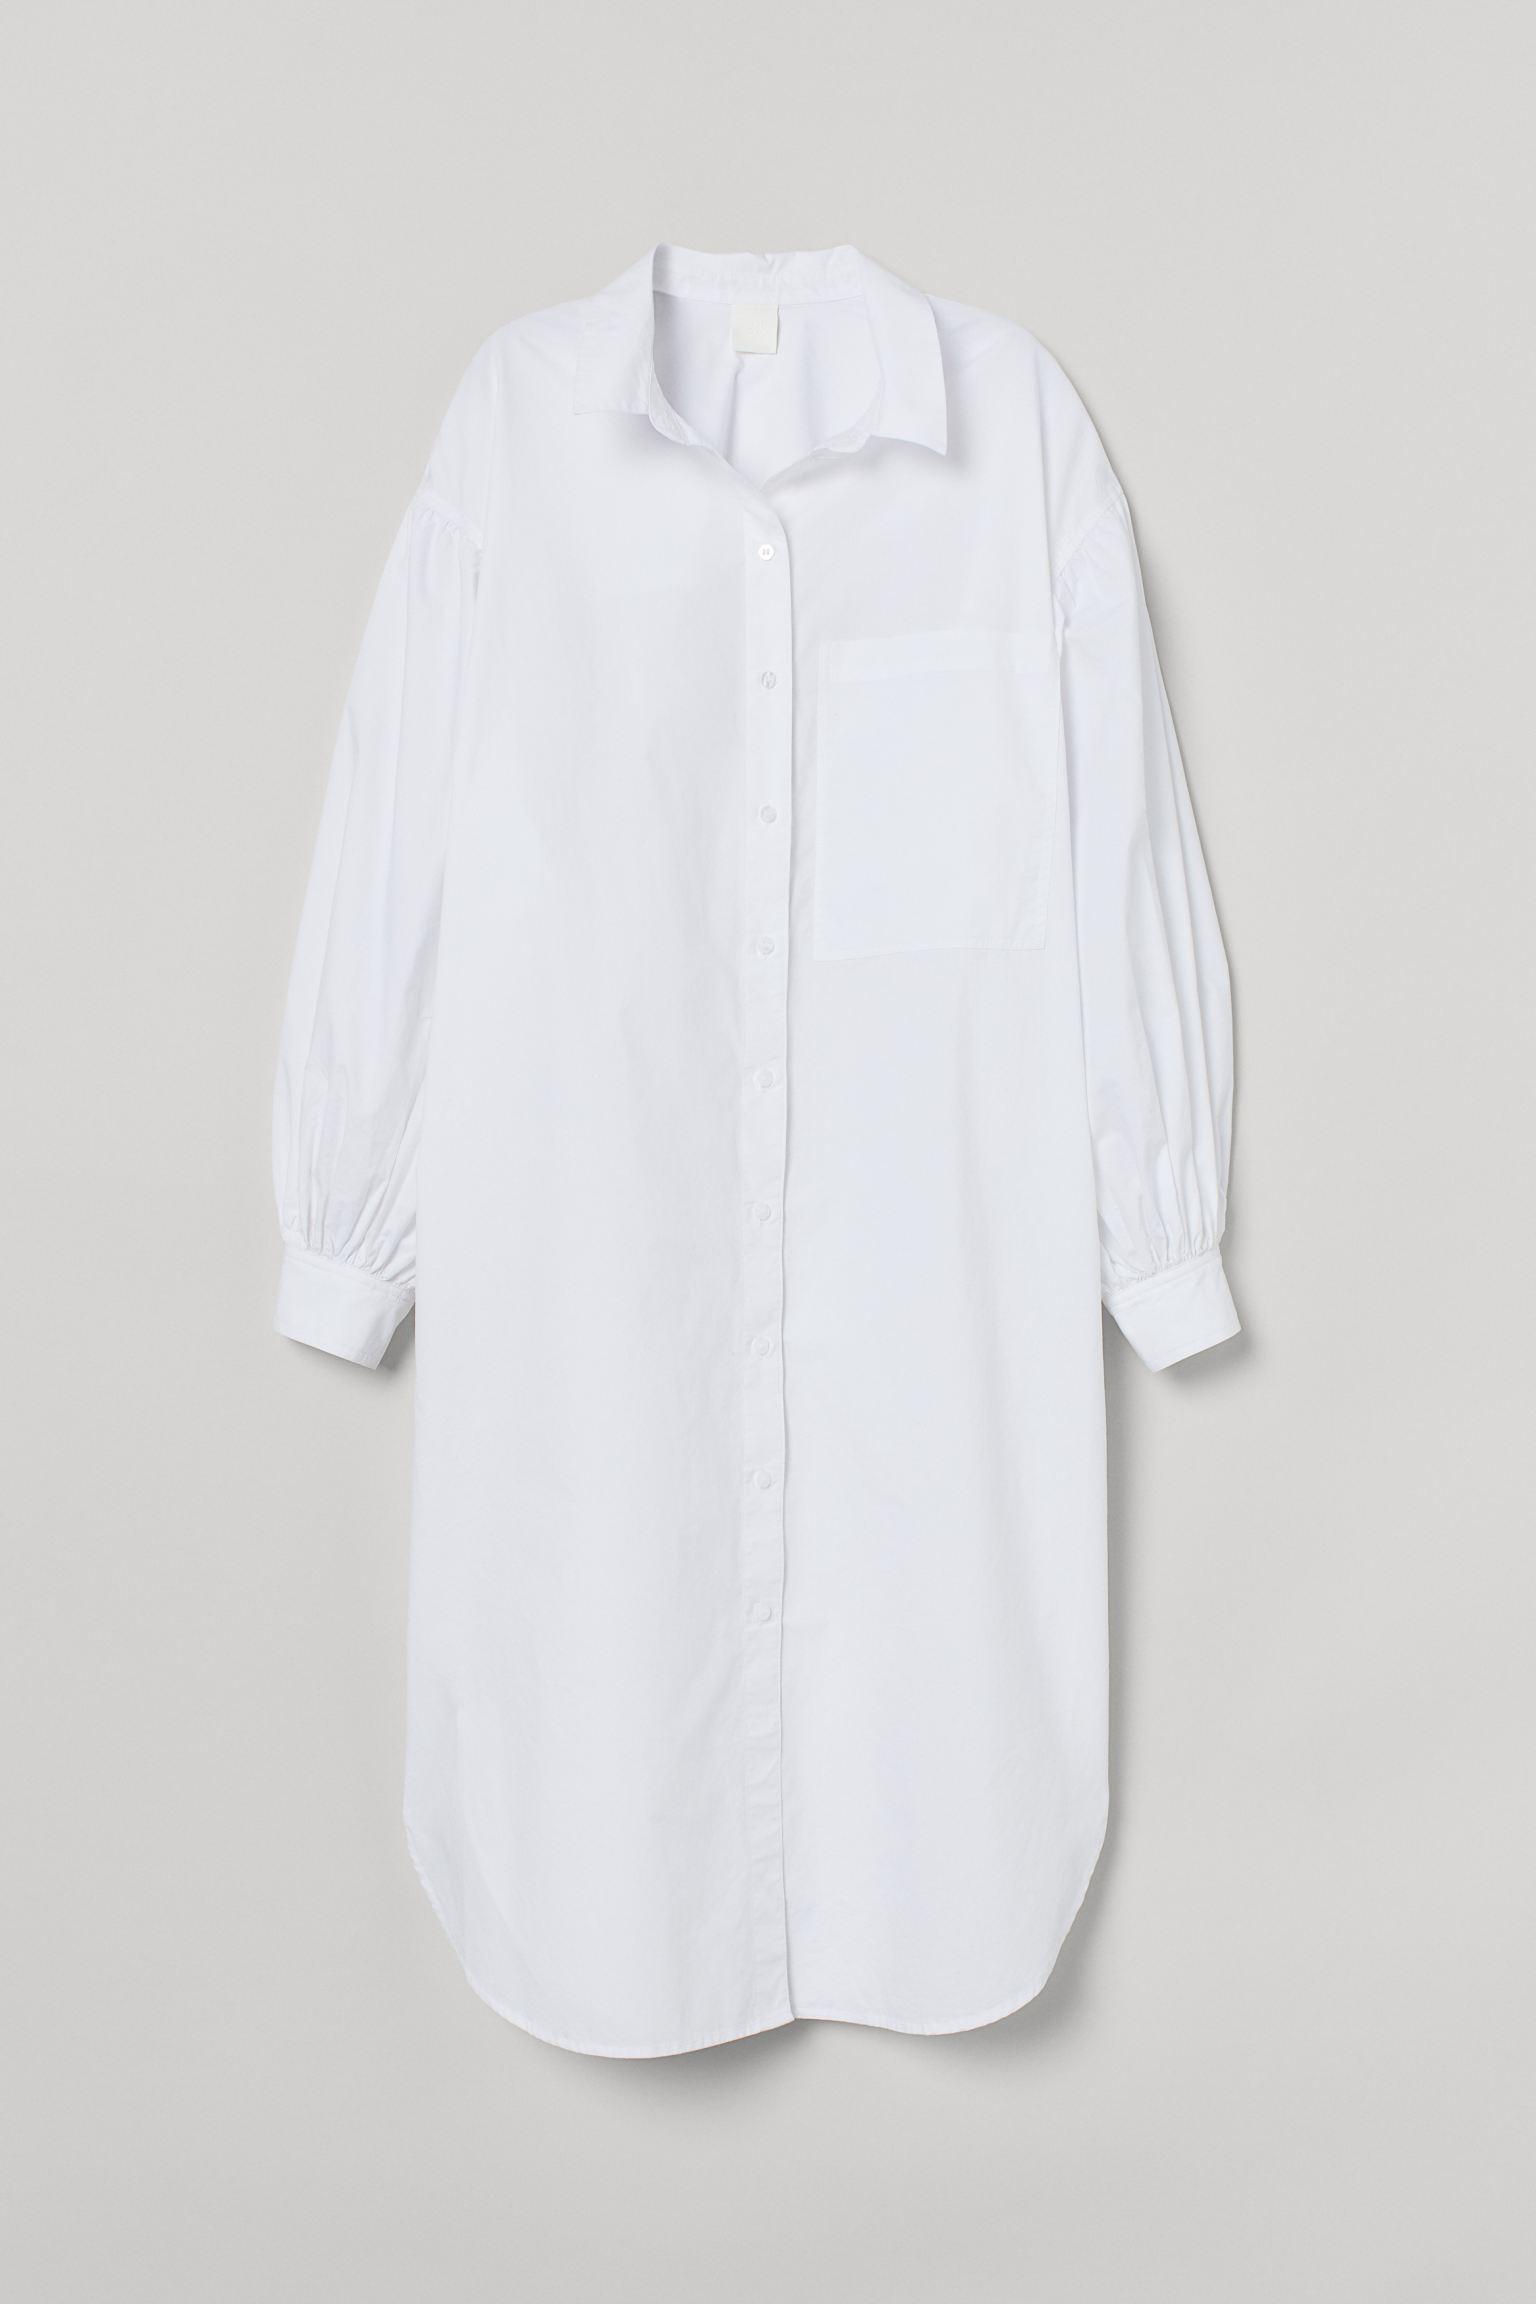 Cotton shirt dress h&m